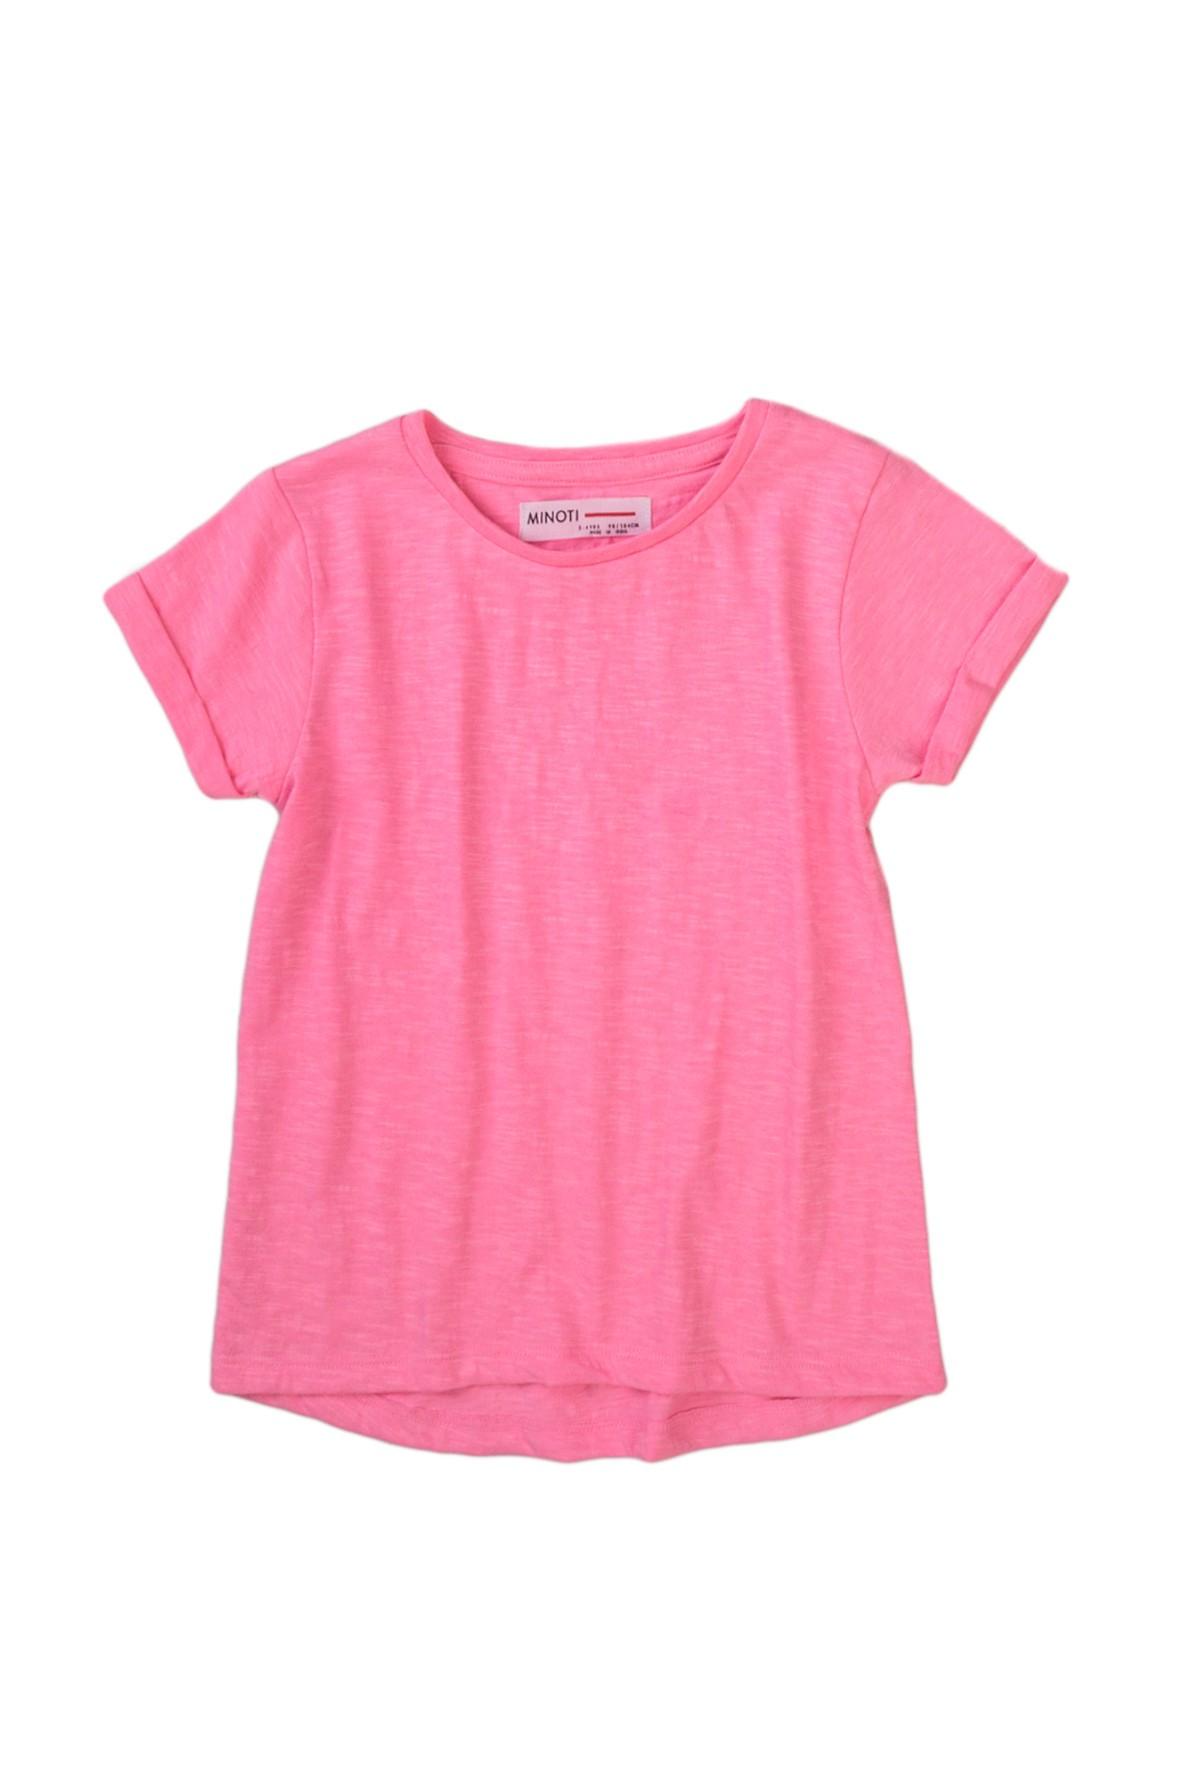 T-shirt dziewczęcy klasyczny różowy- 100% bawełna